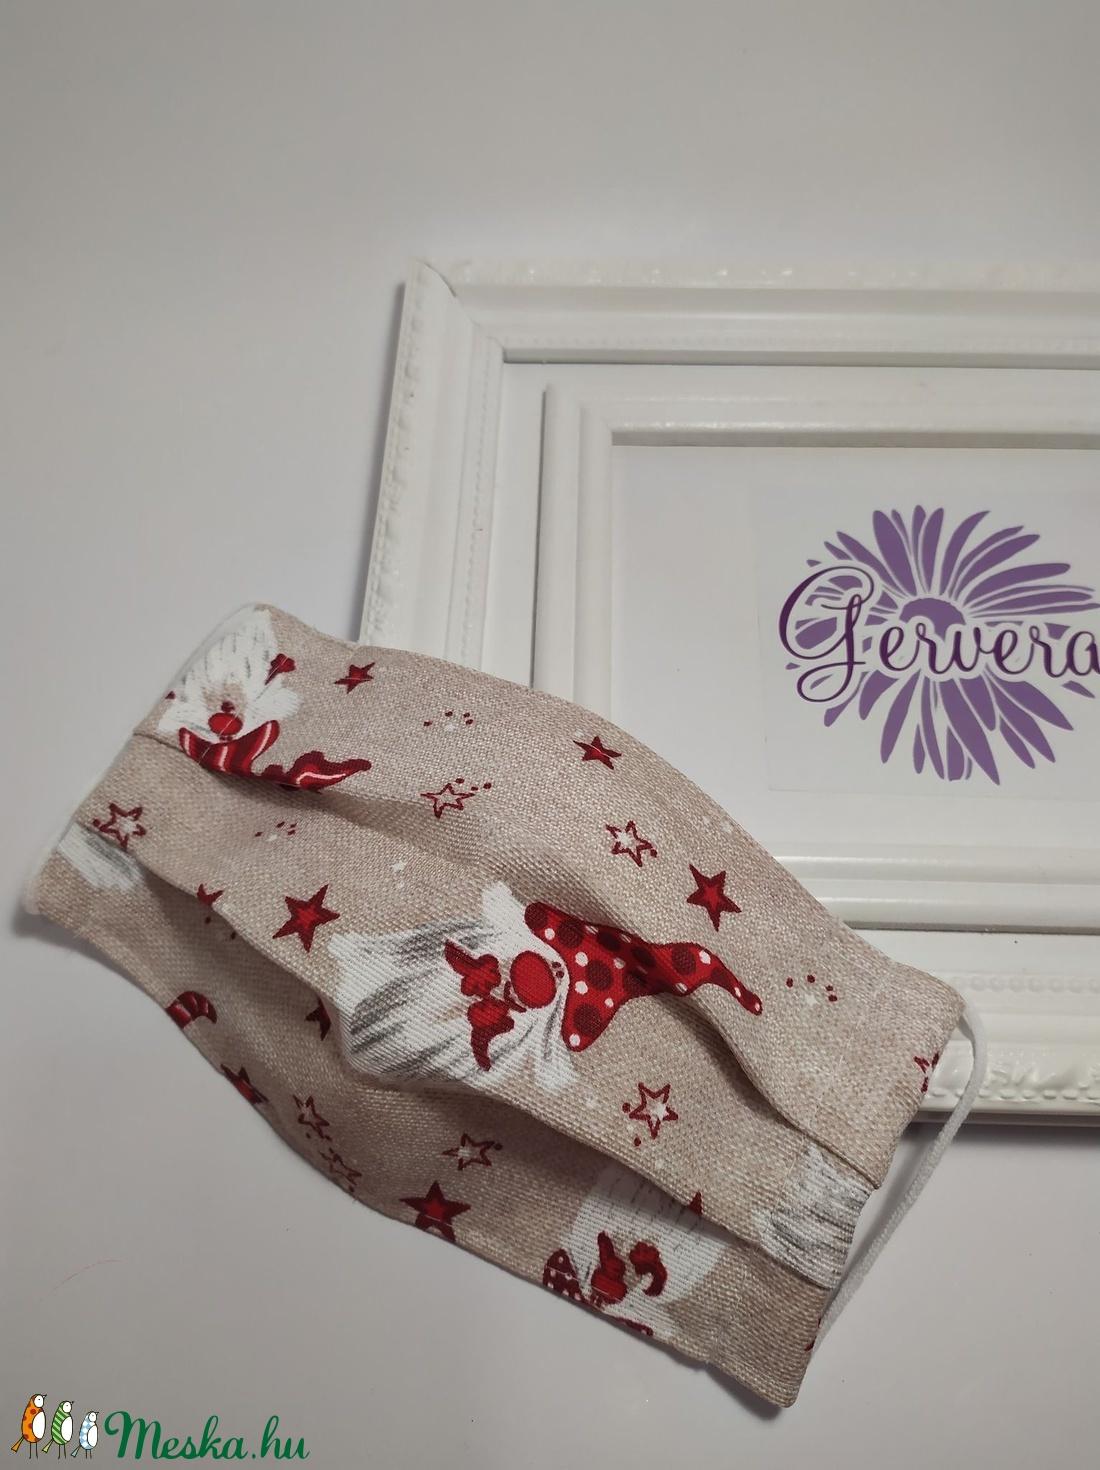 Textil maszk, kétrétegű, karácsonyi manó (gervera) - Meska.hu